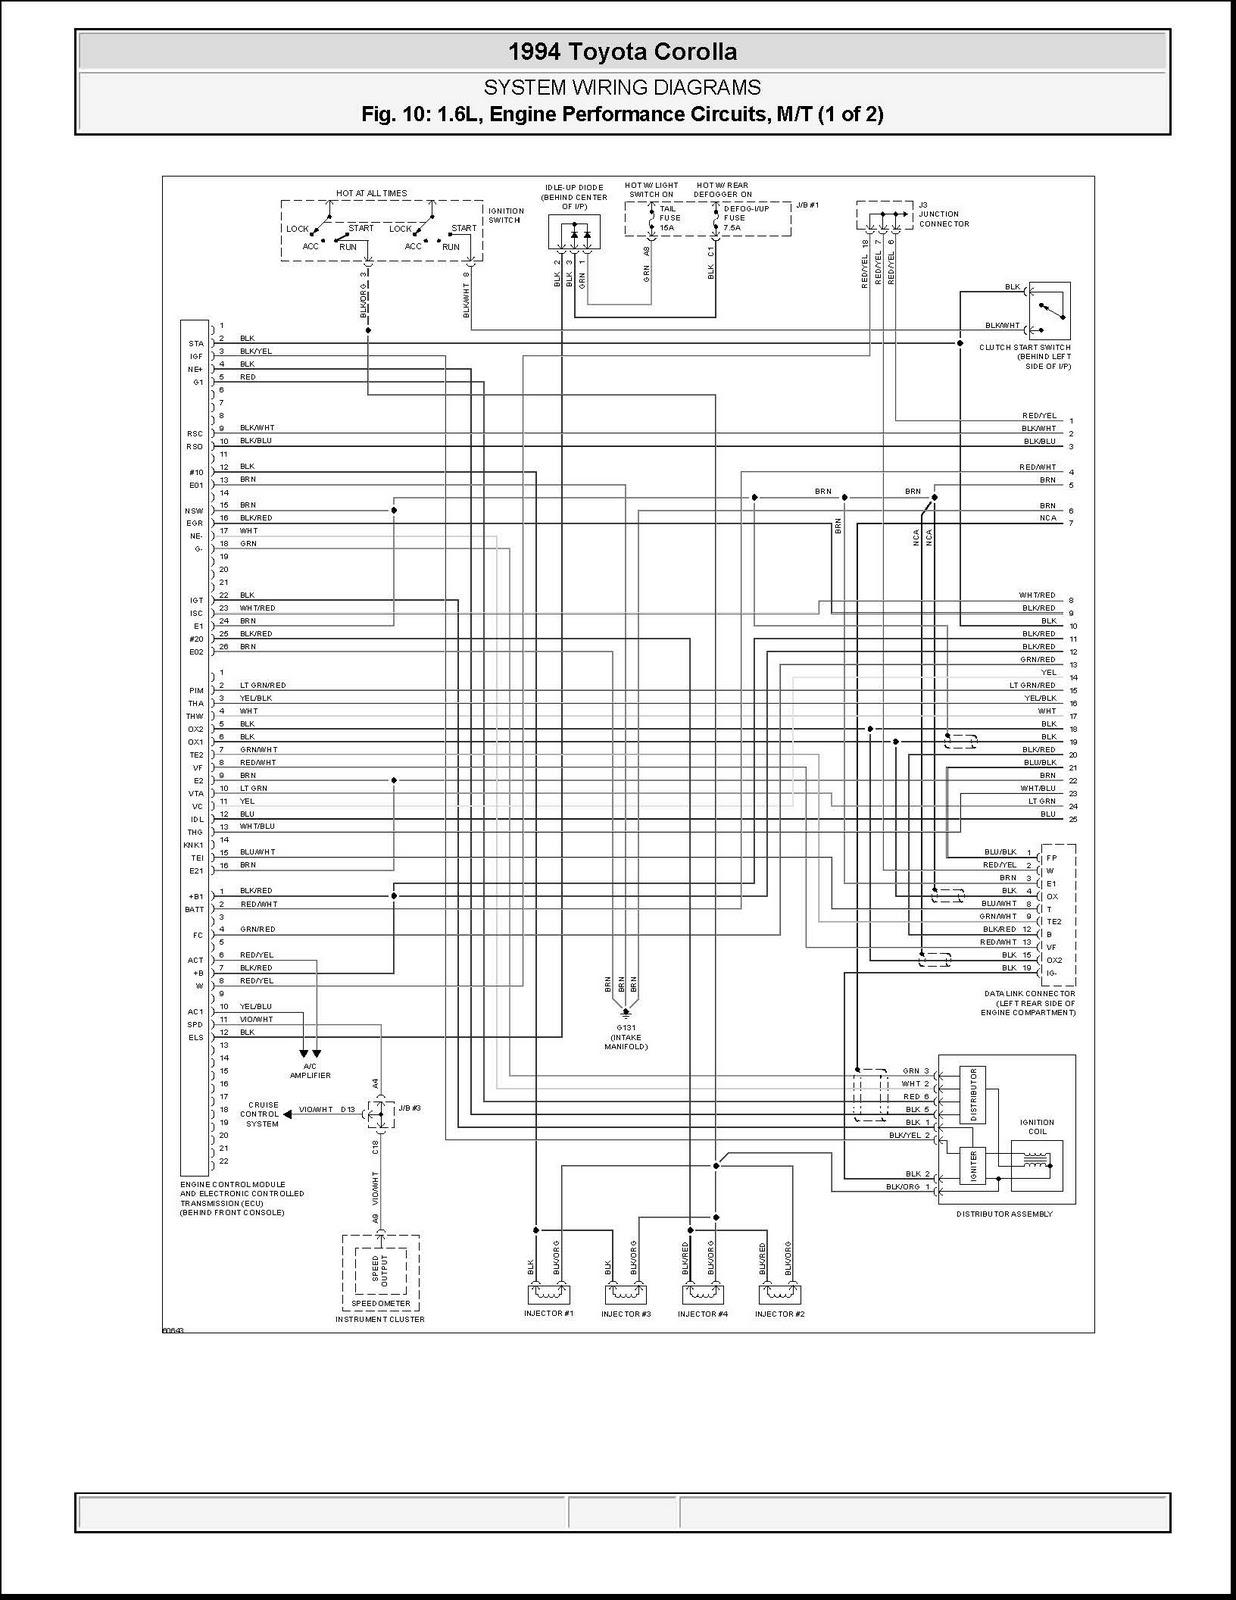 DDMP Automotriz: Diagrama 4A-FE 1994